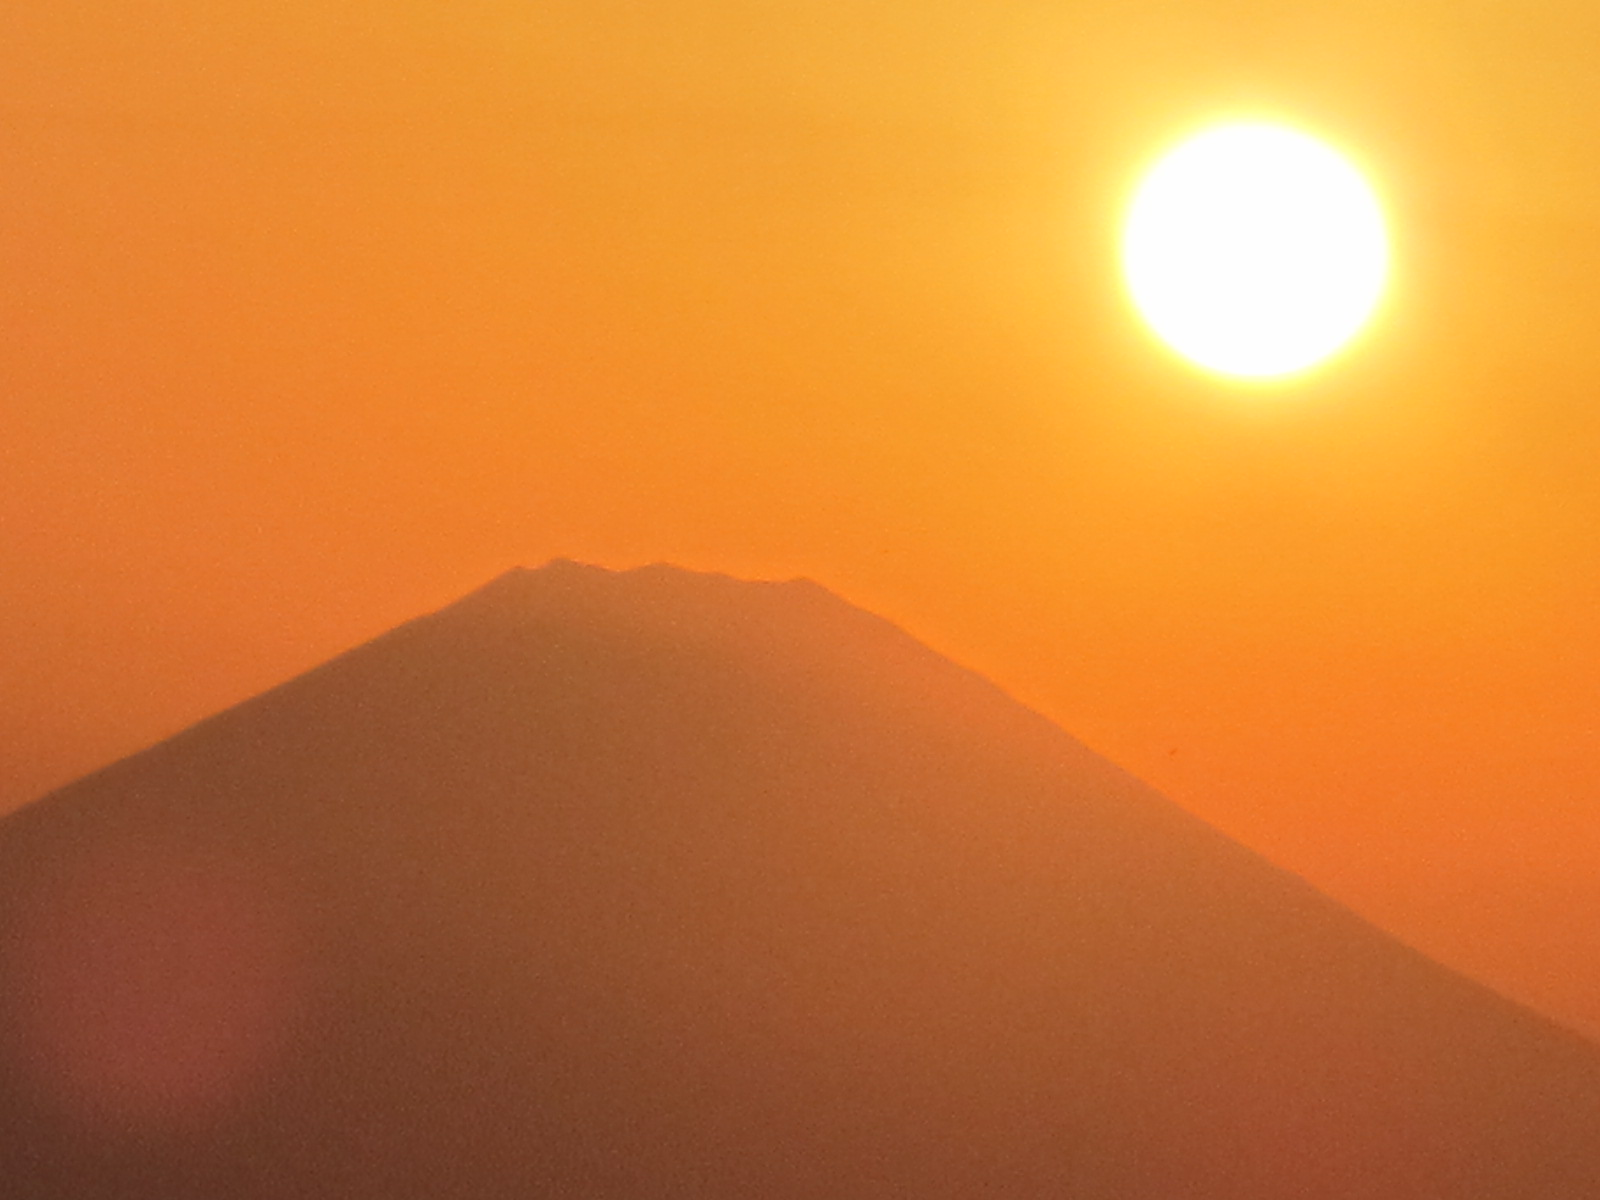 金色に耀く、ゴールデン富士・・・8_c0075701_21463962.jpg